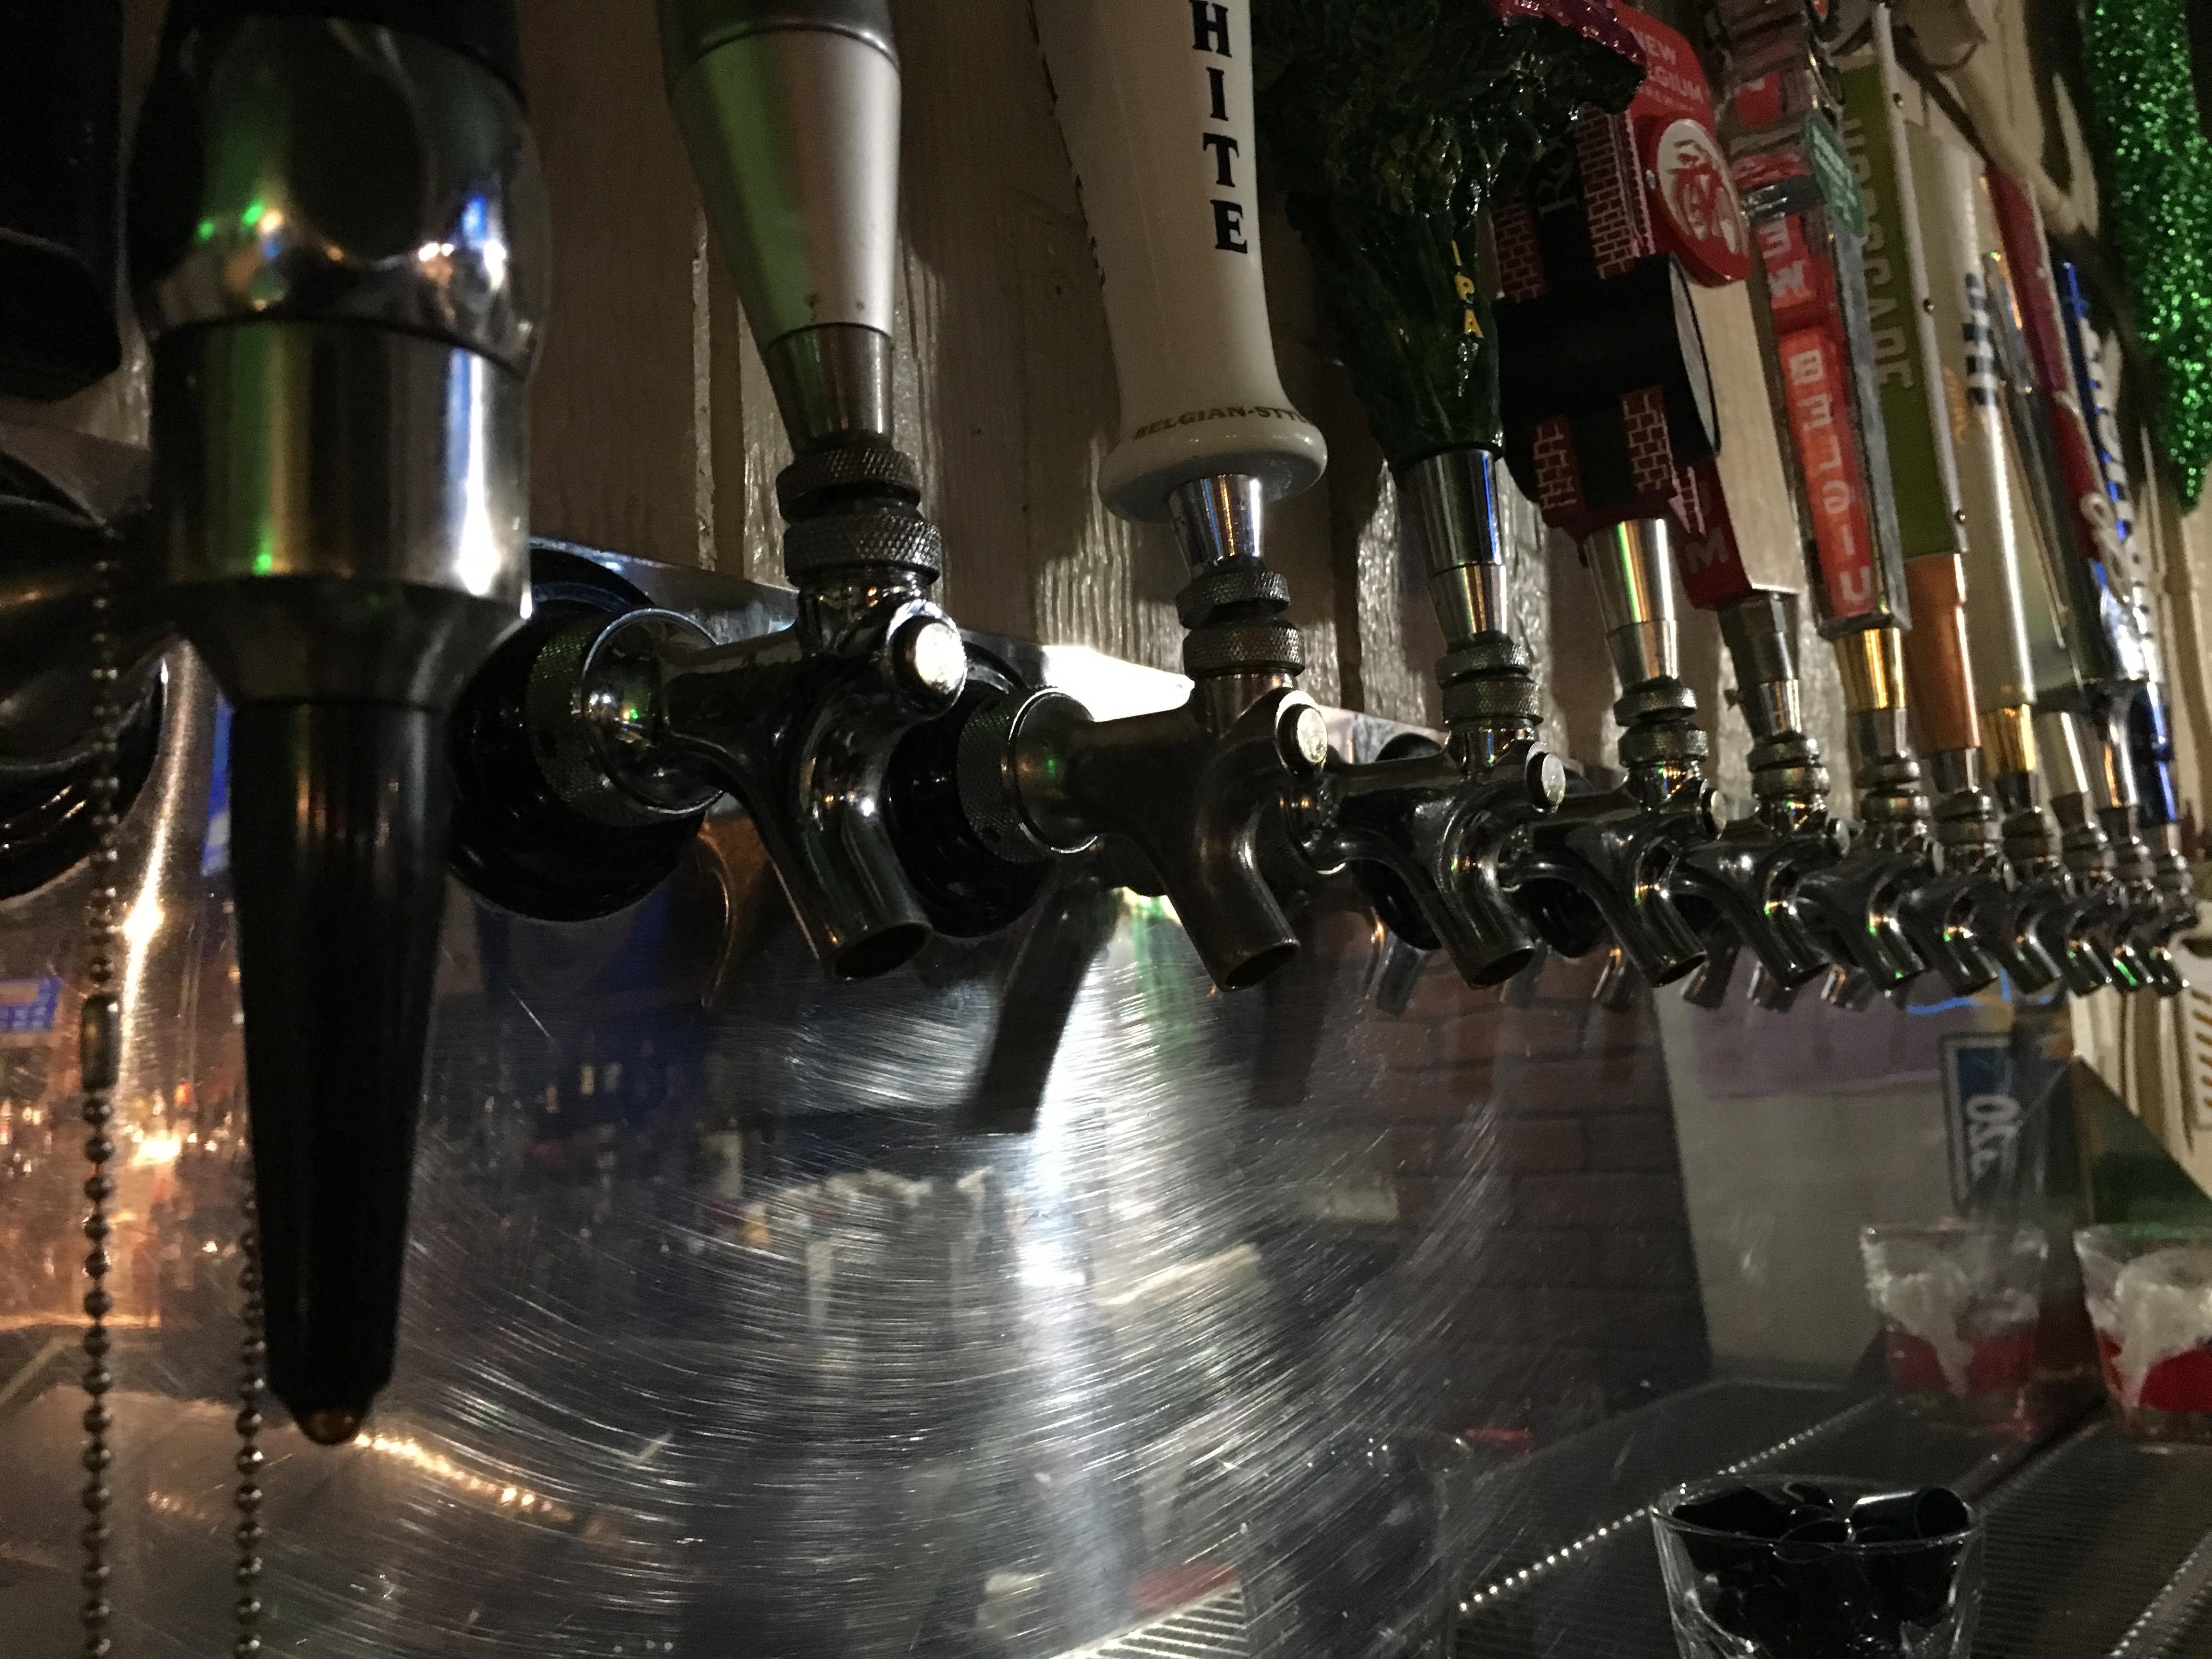 $1.50 Retro Beers